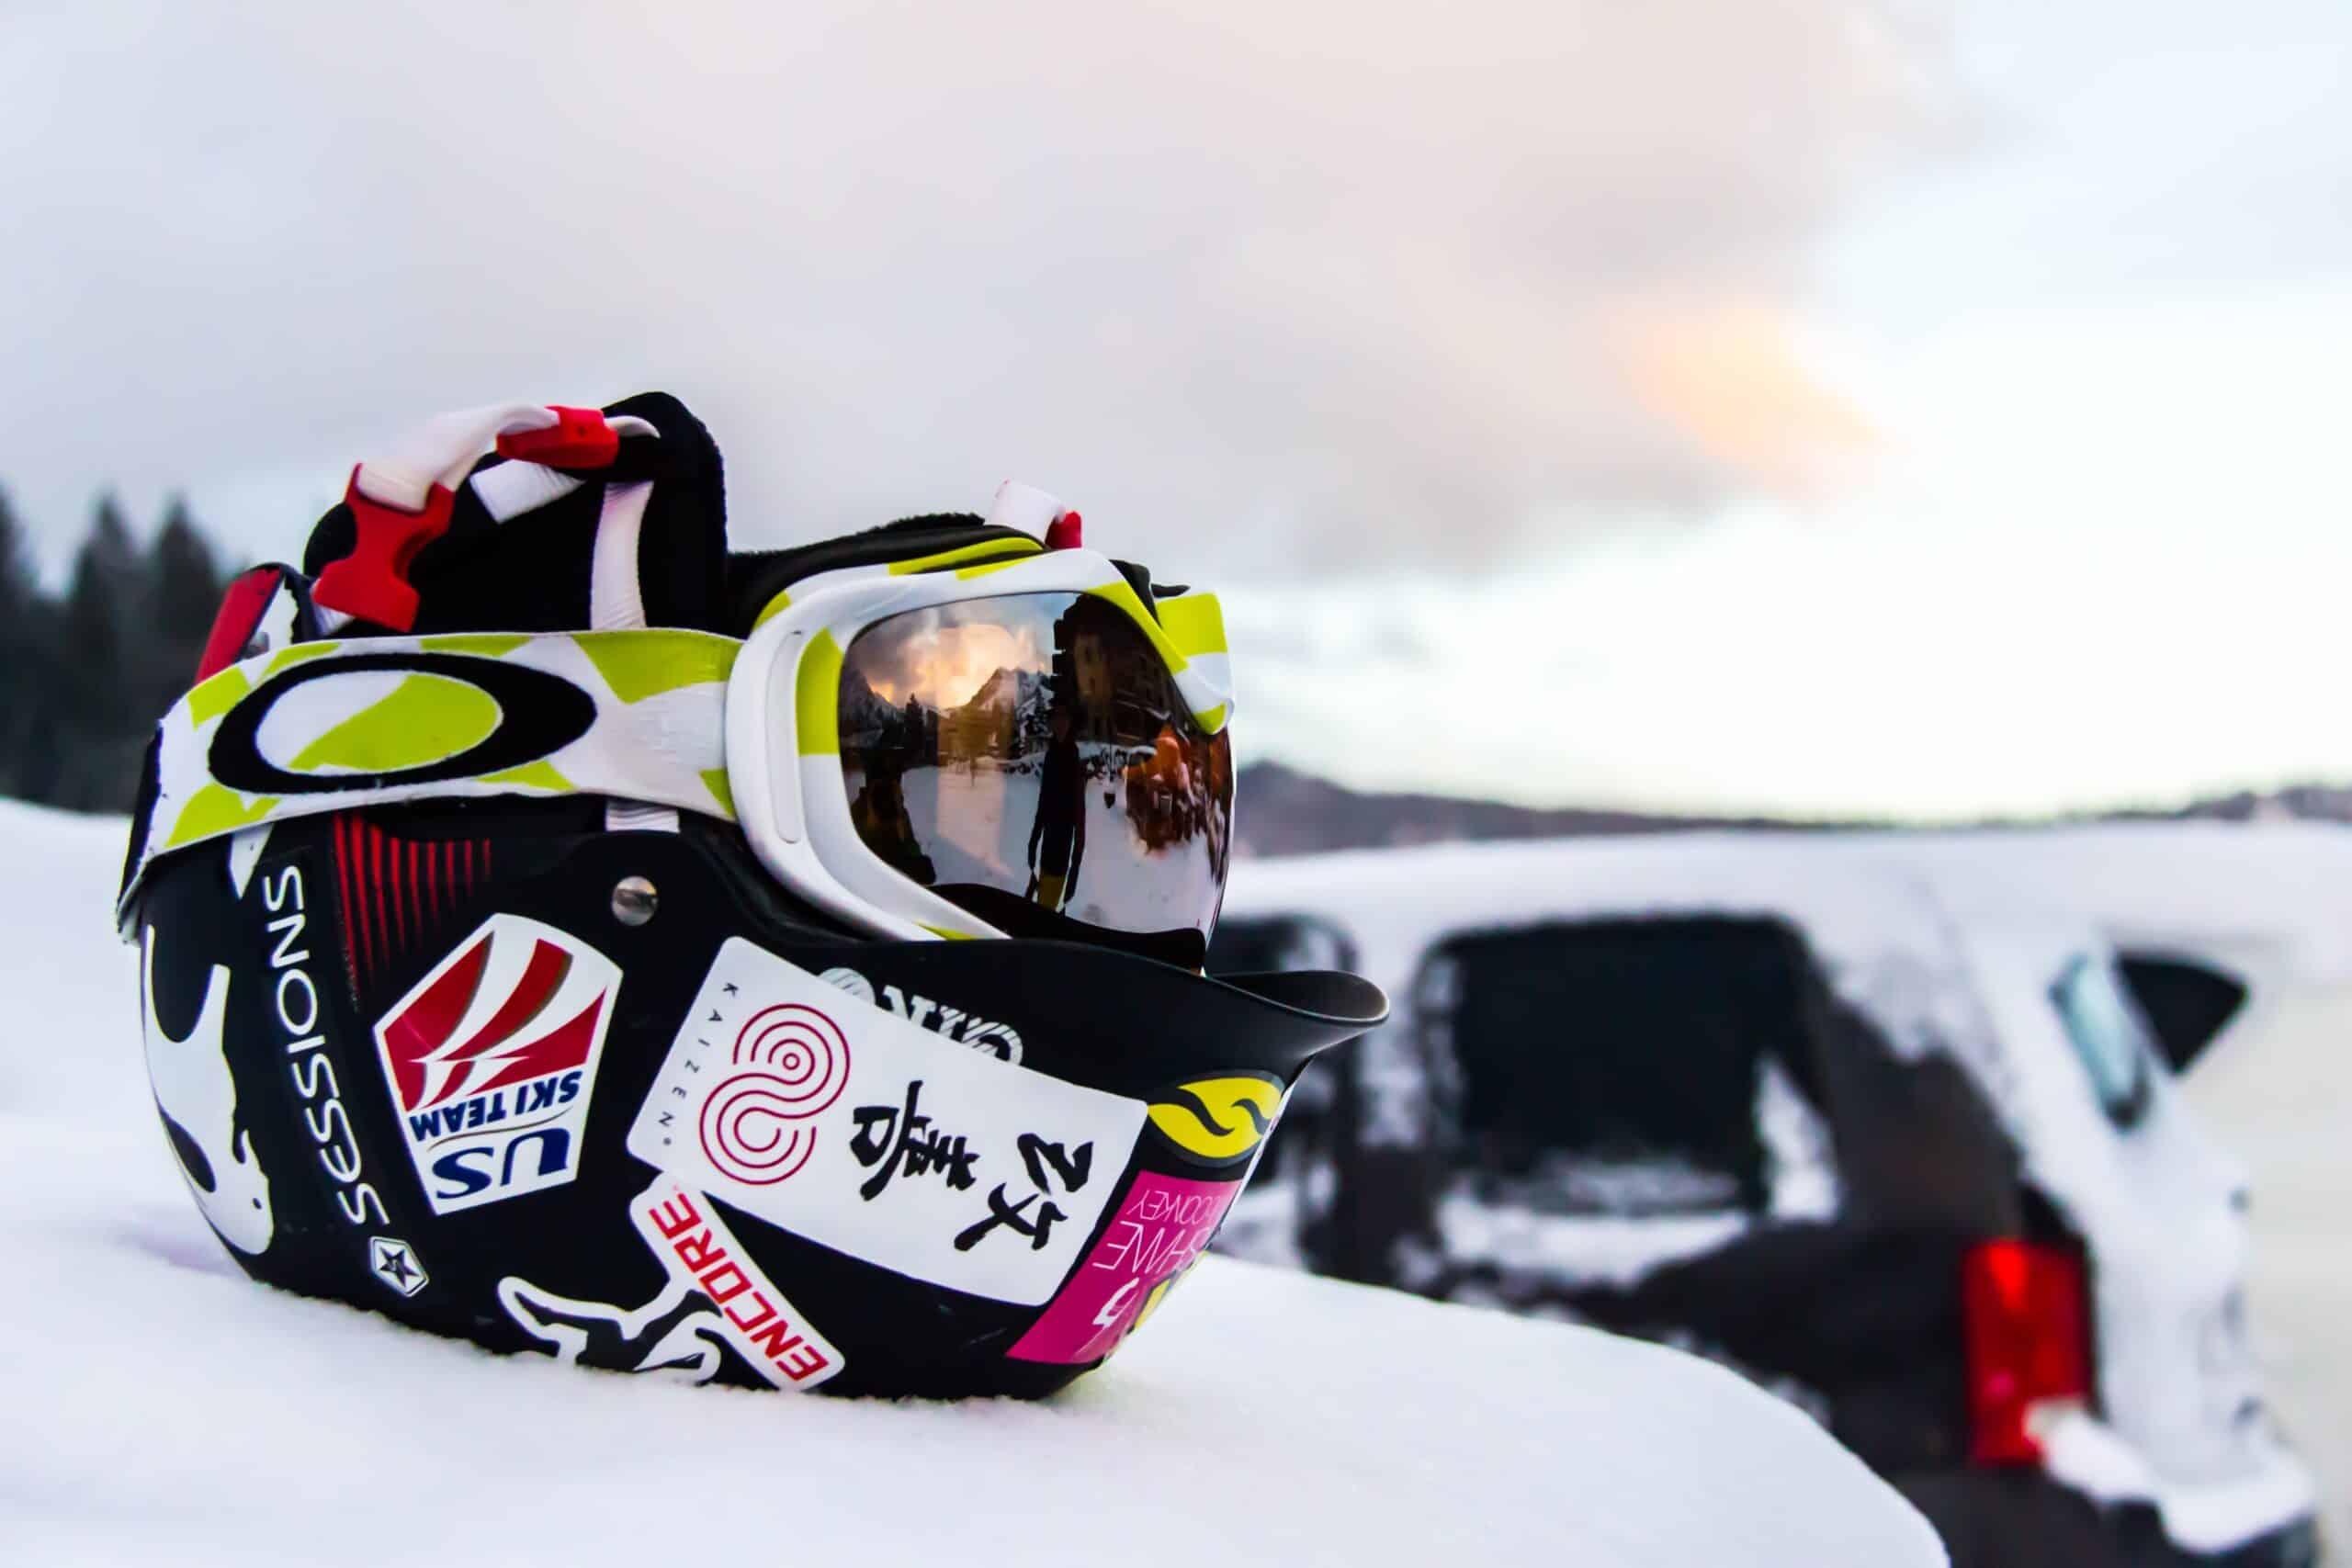 Ski helmet with visor